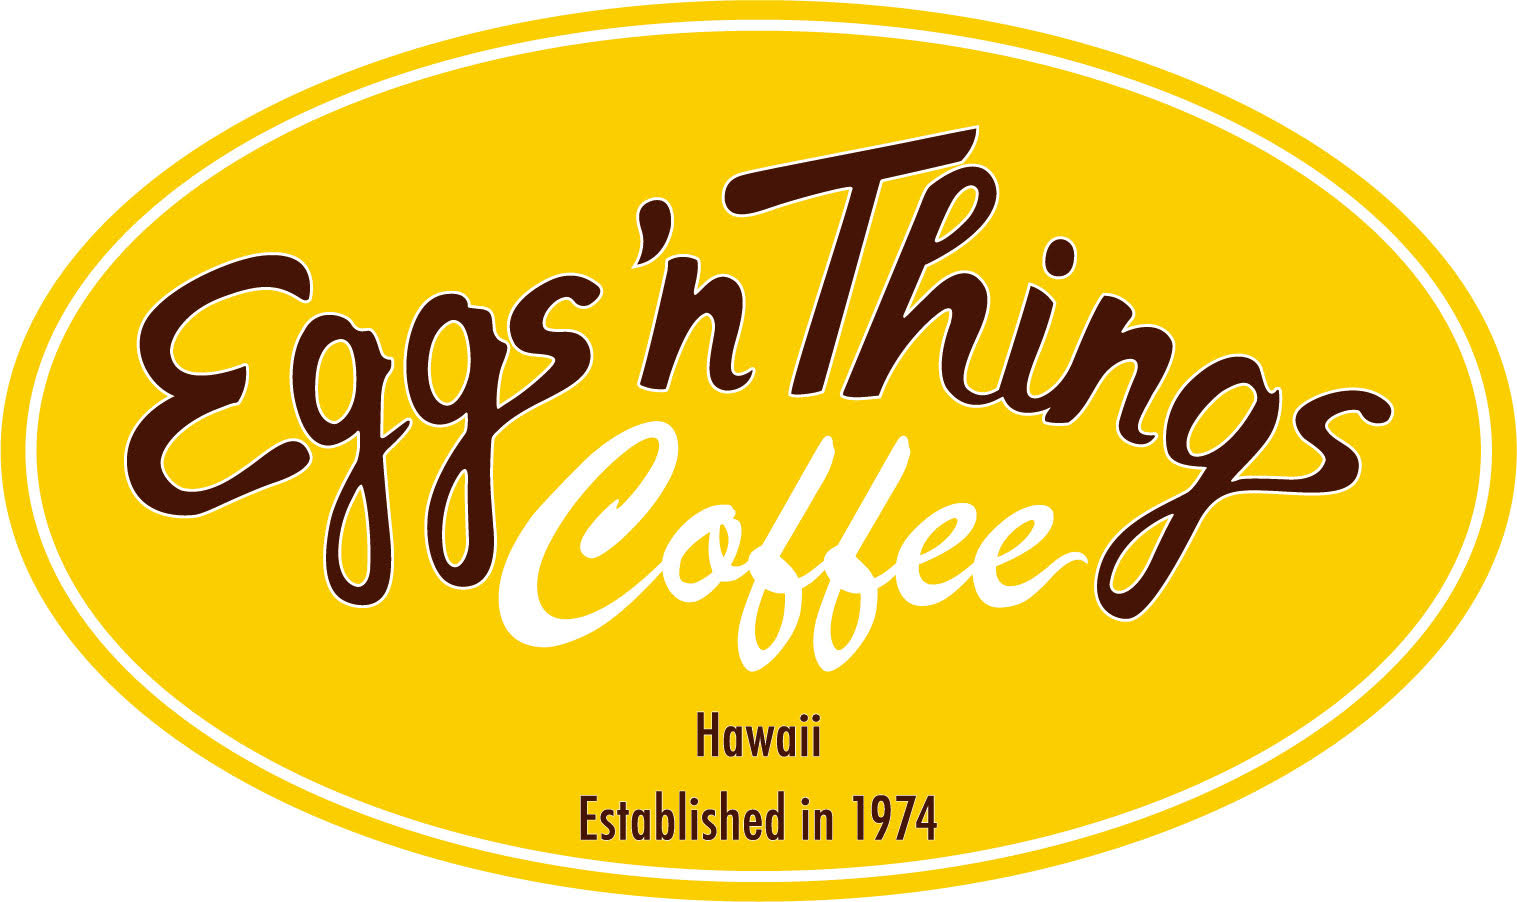 ブランド初のカフェ「Eggs 'n Things Coffee」が、「高崎オーパ」にやってくる!!!_1